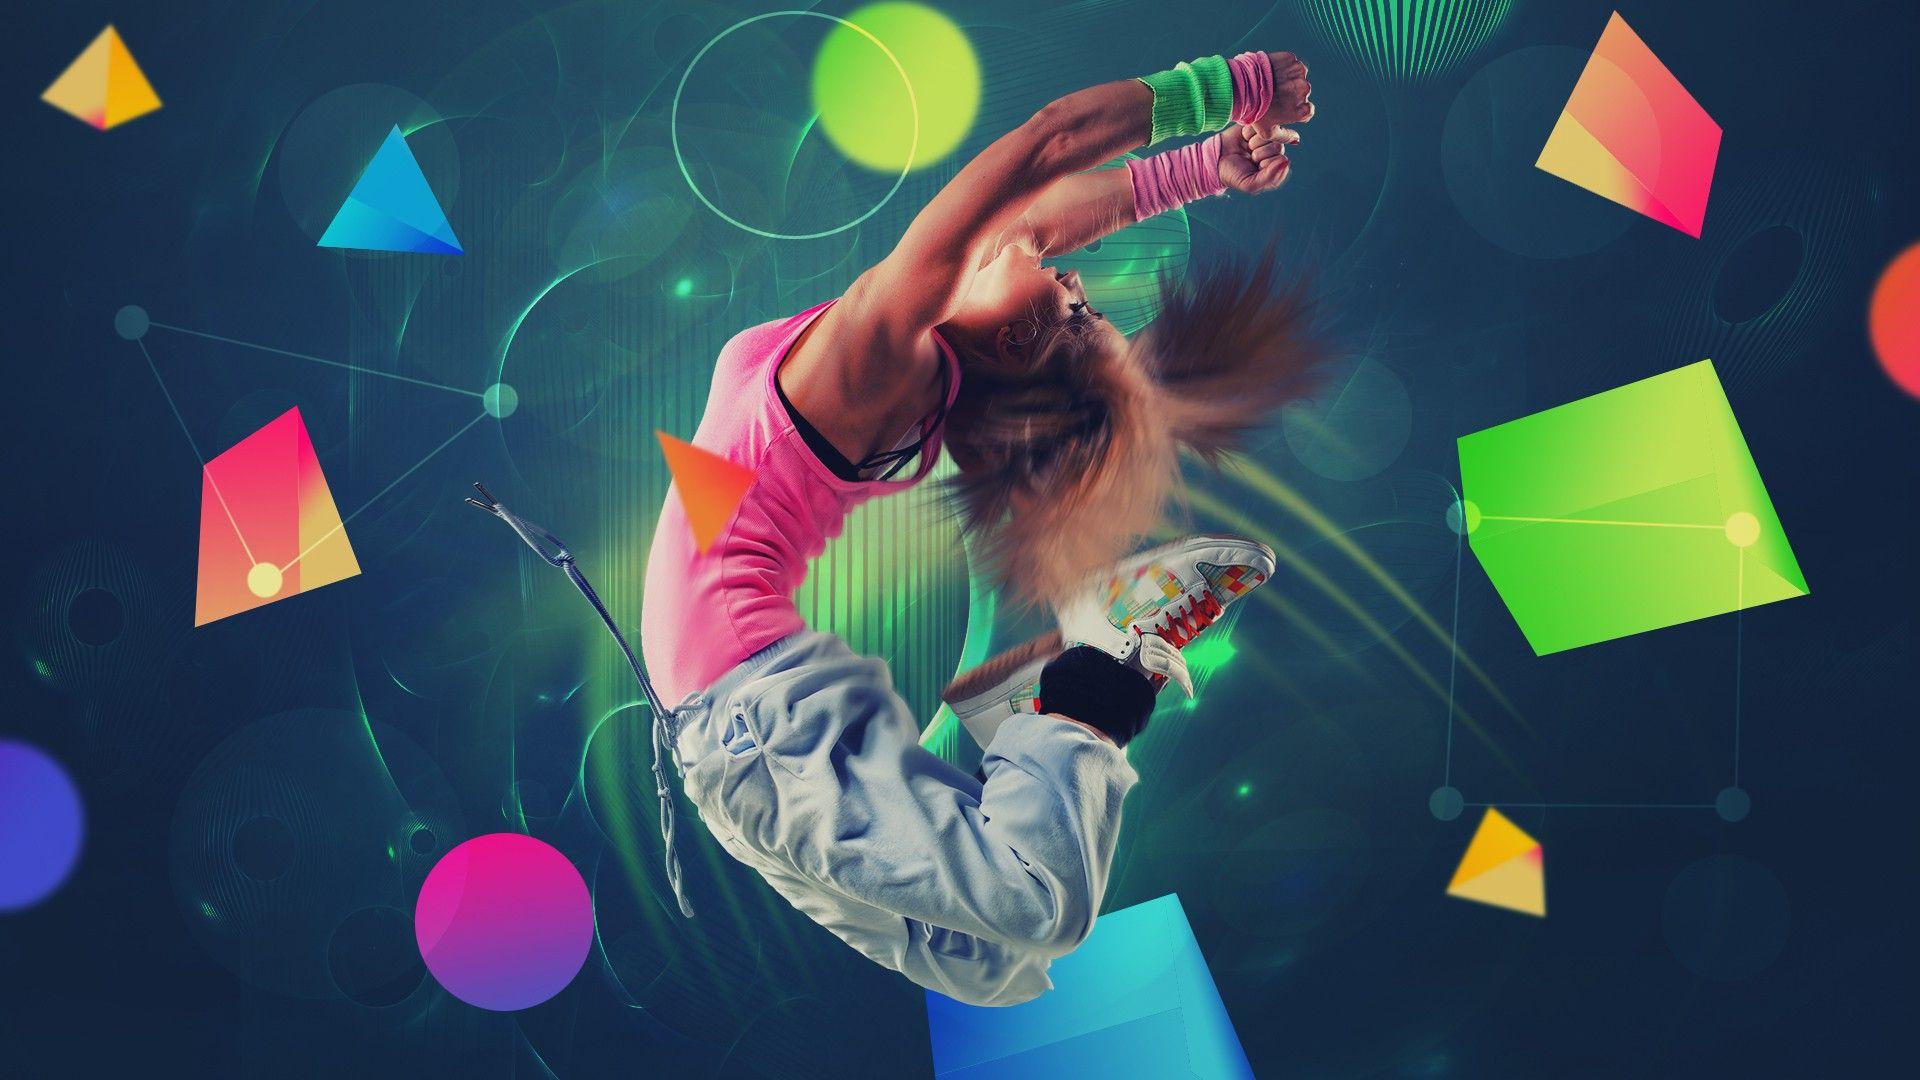 HipHop Girls Dance Wallpaper 3d Photo Zumba Hip